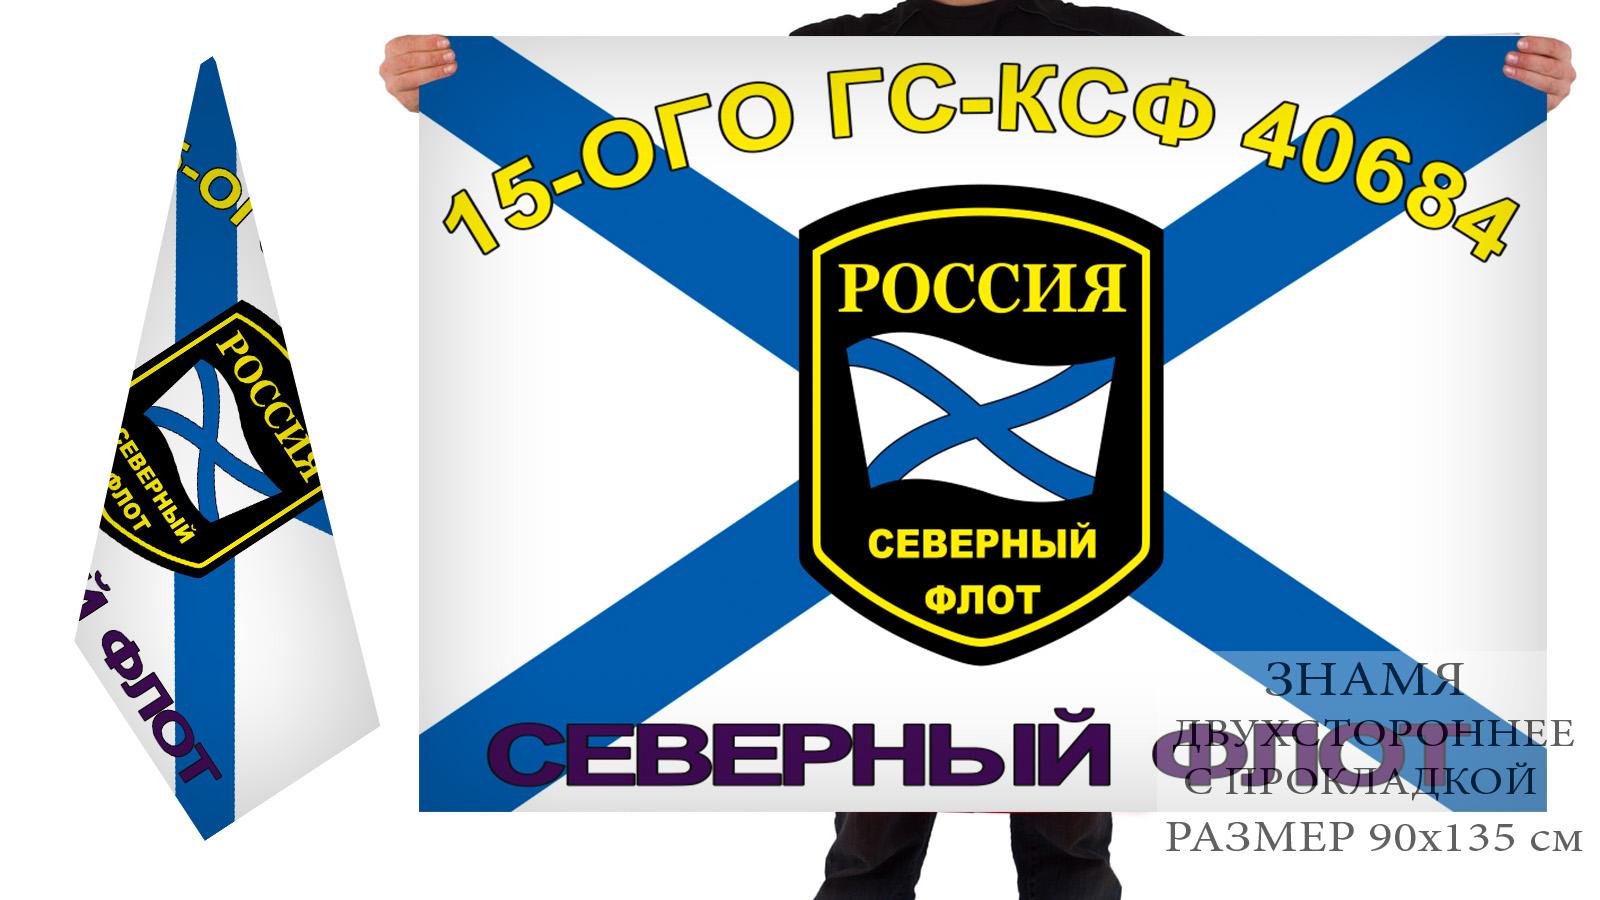 Двусторонний флаг 15 ОГО ГС КСФ